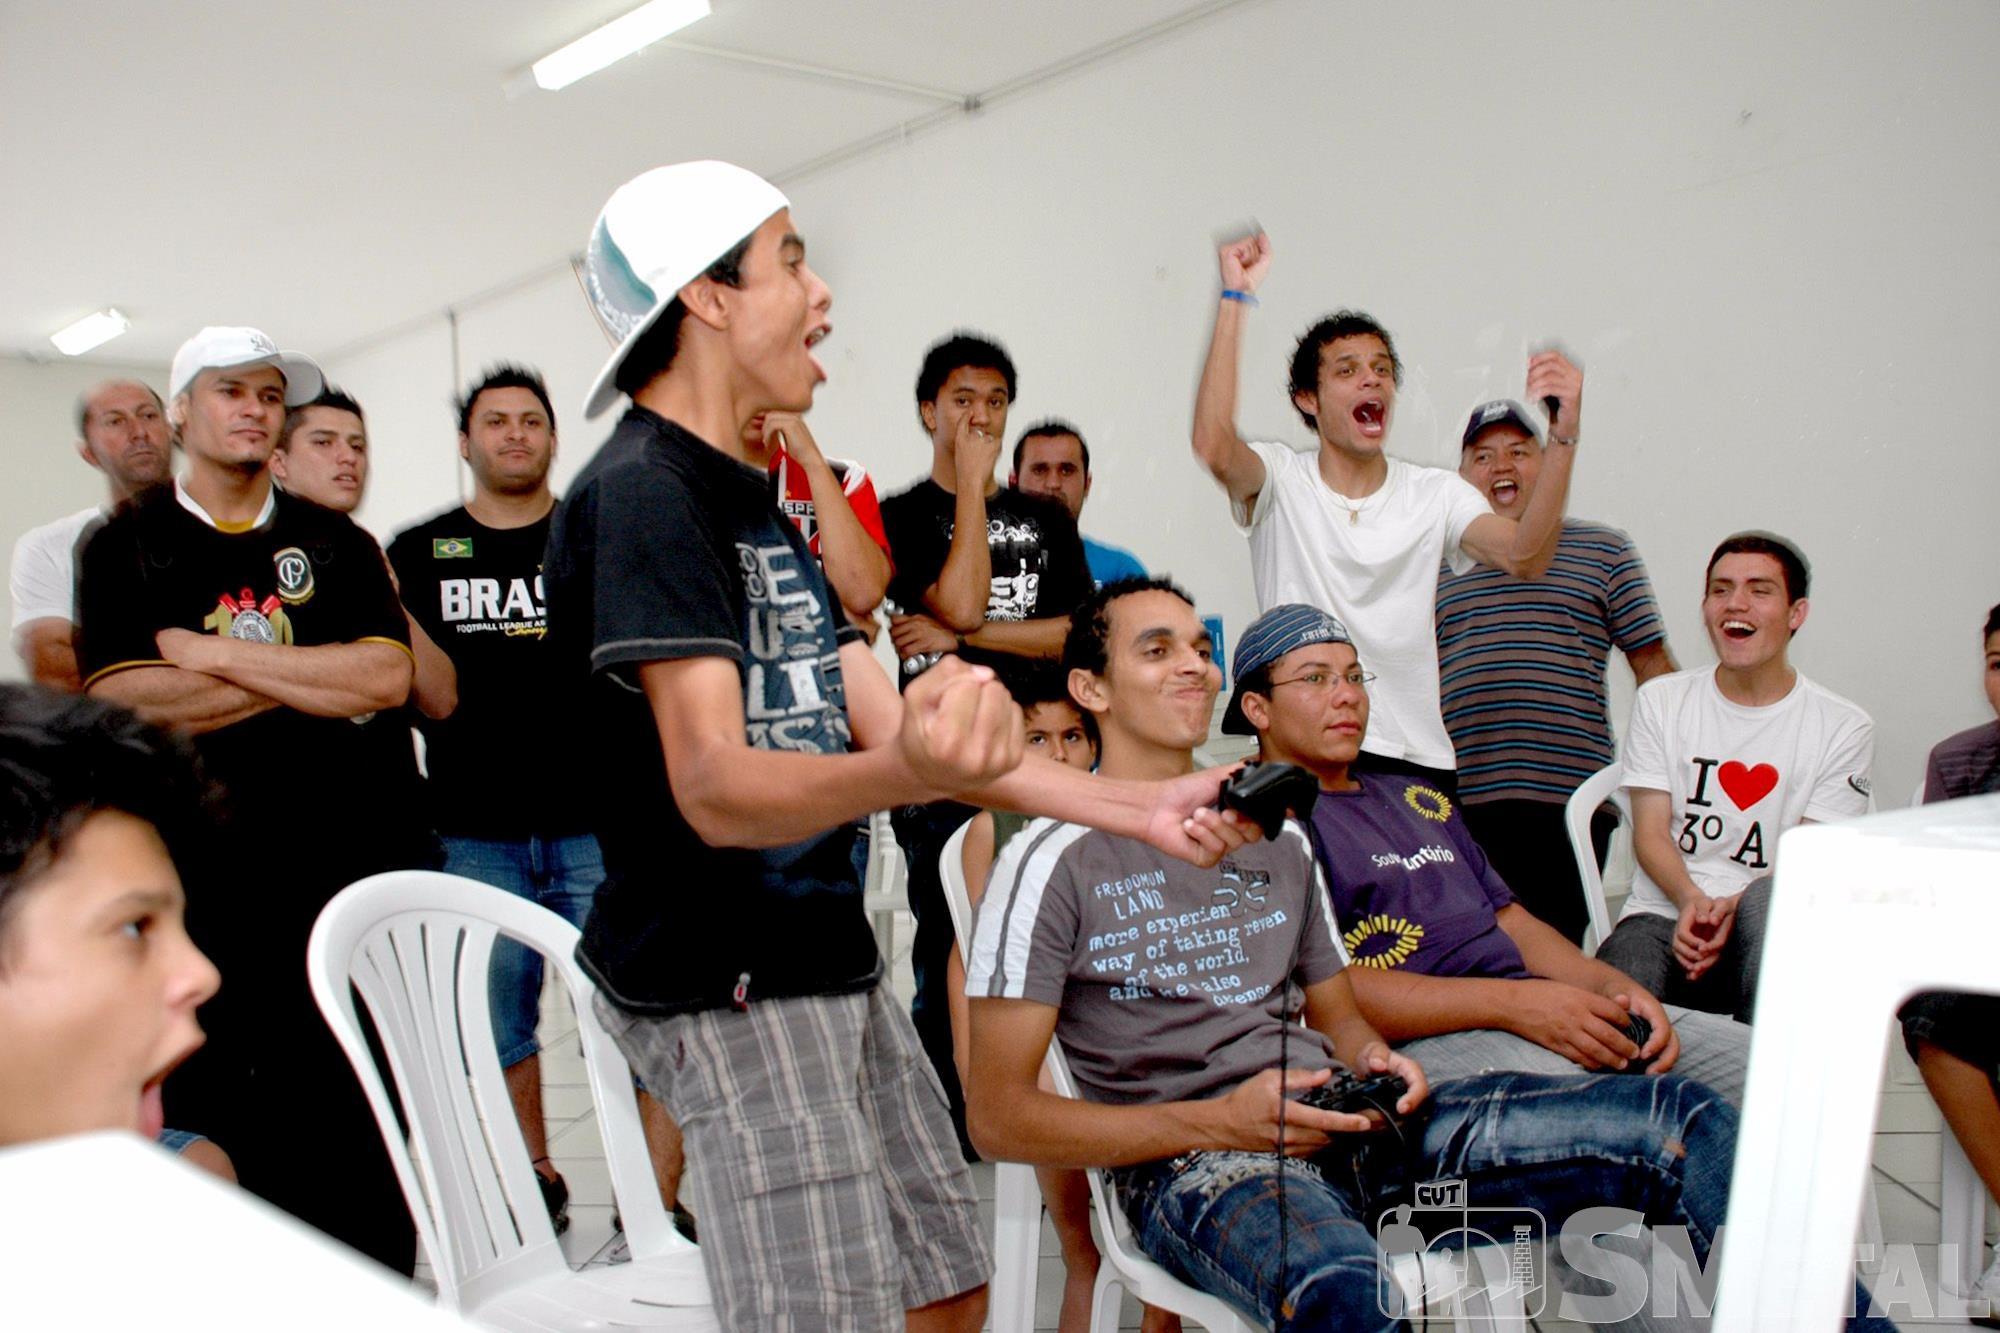 futgame,  game, Foguinho/Imprensa SMetal